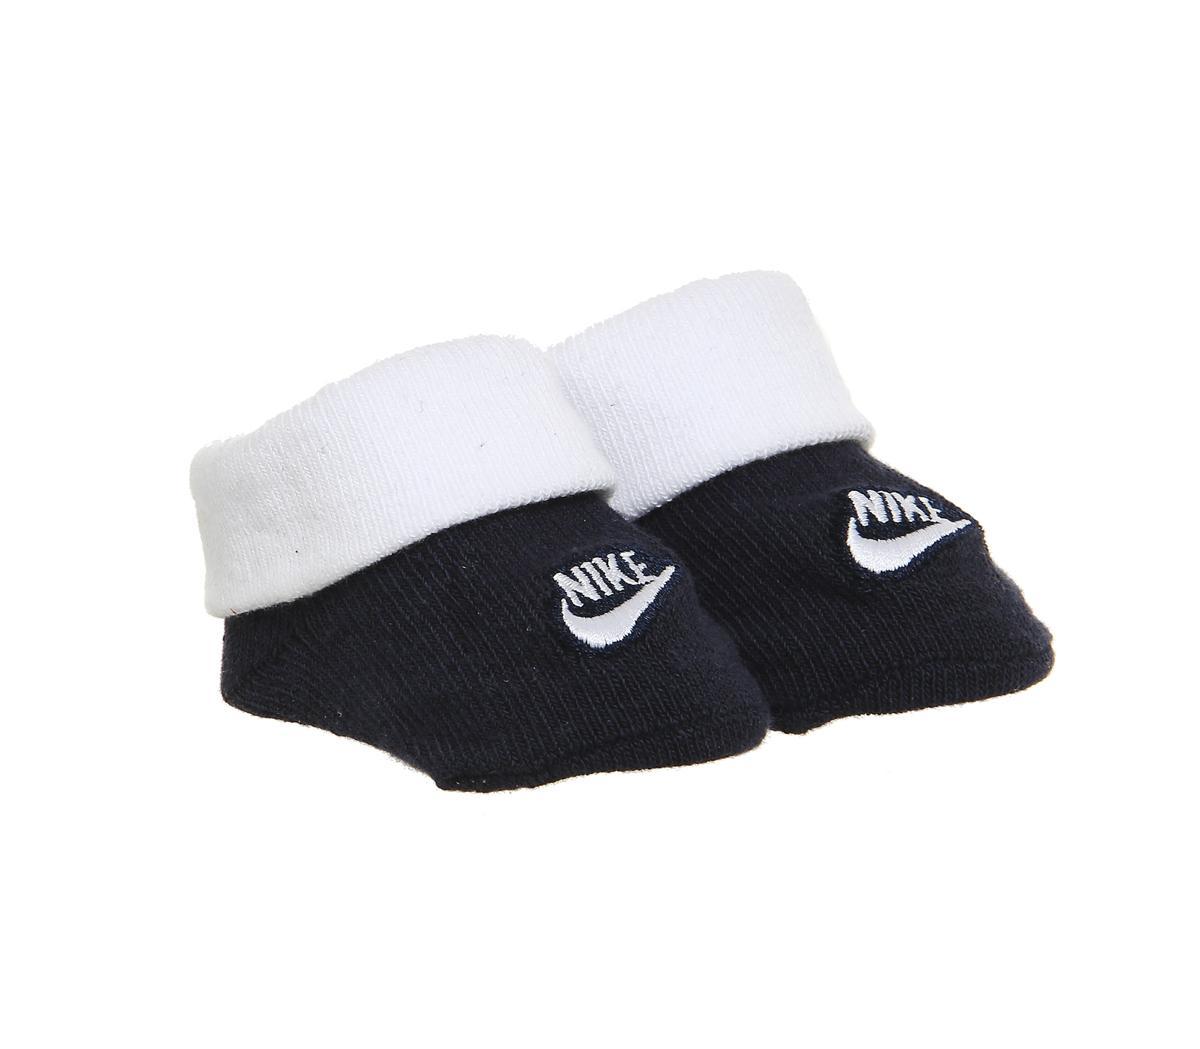 Nike Crib Socks